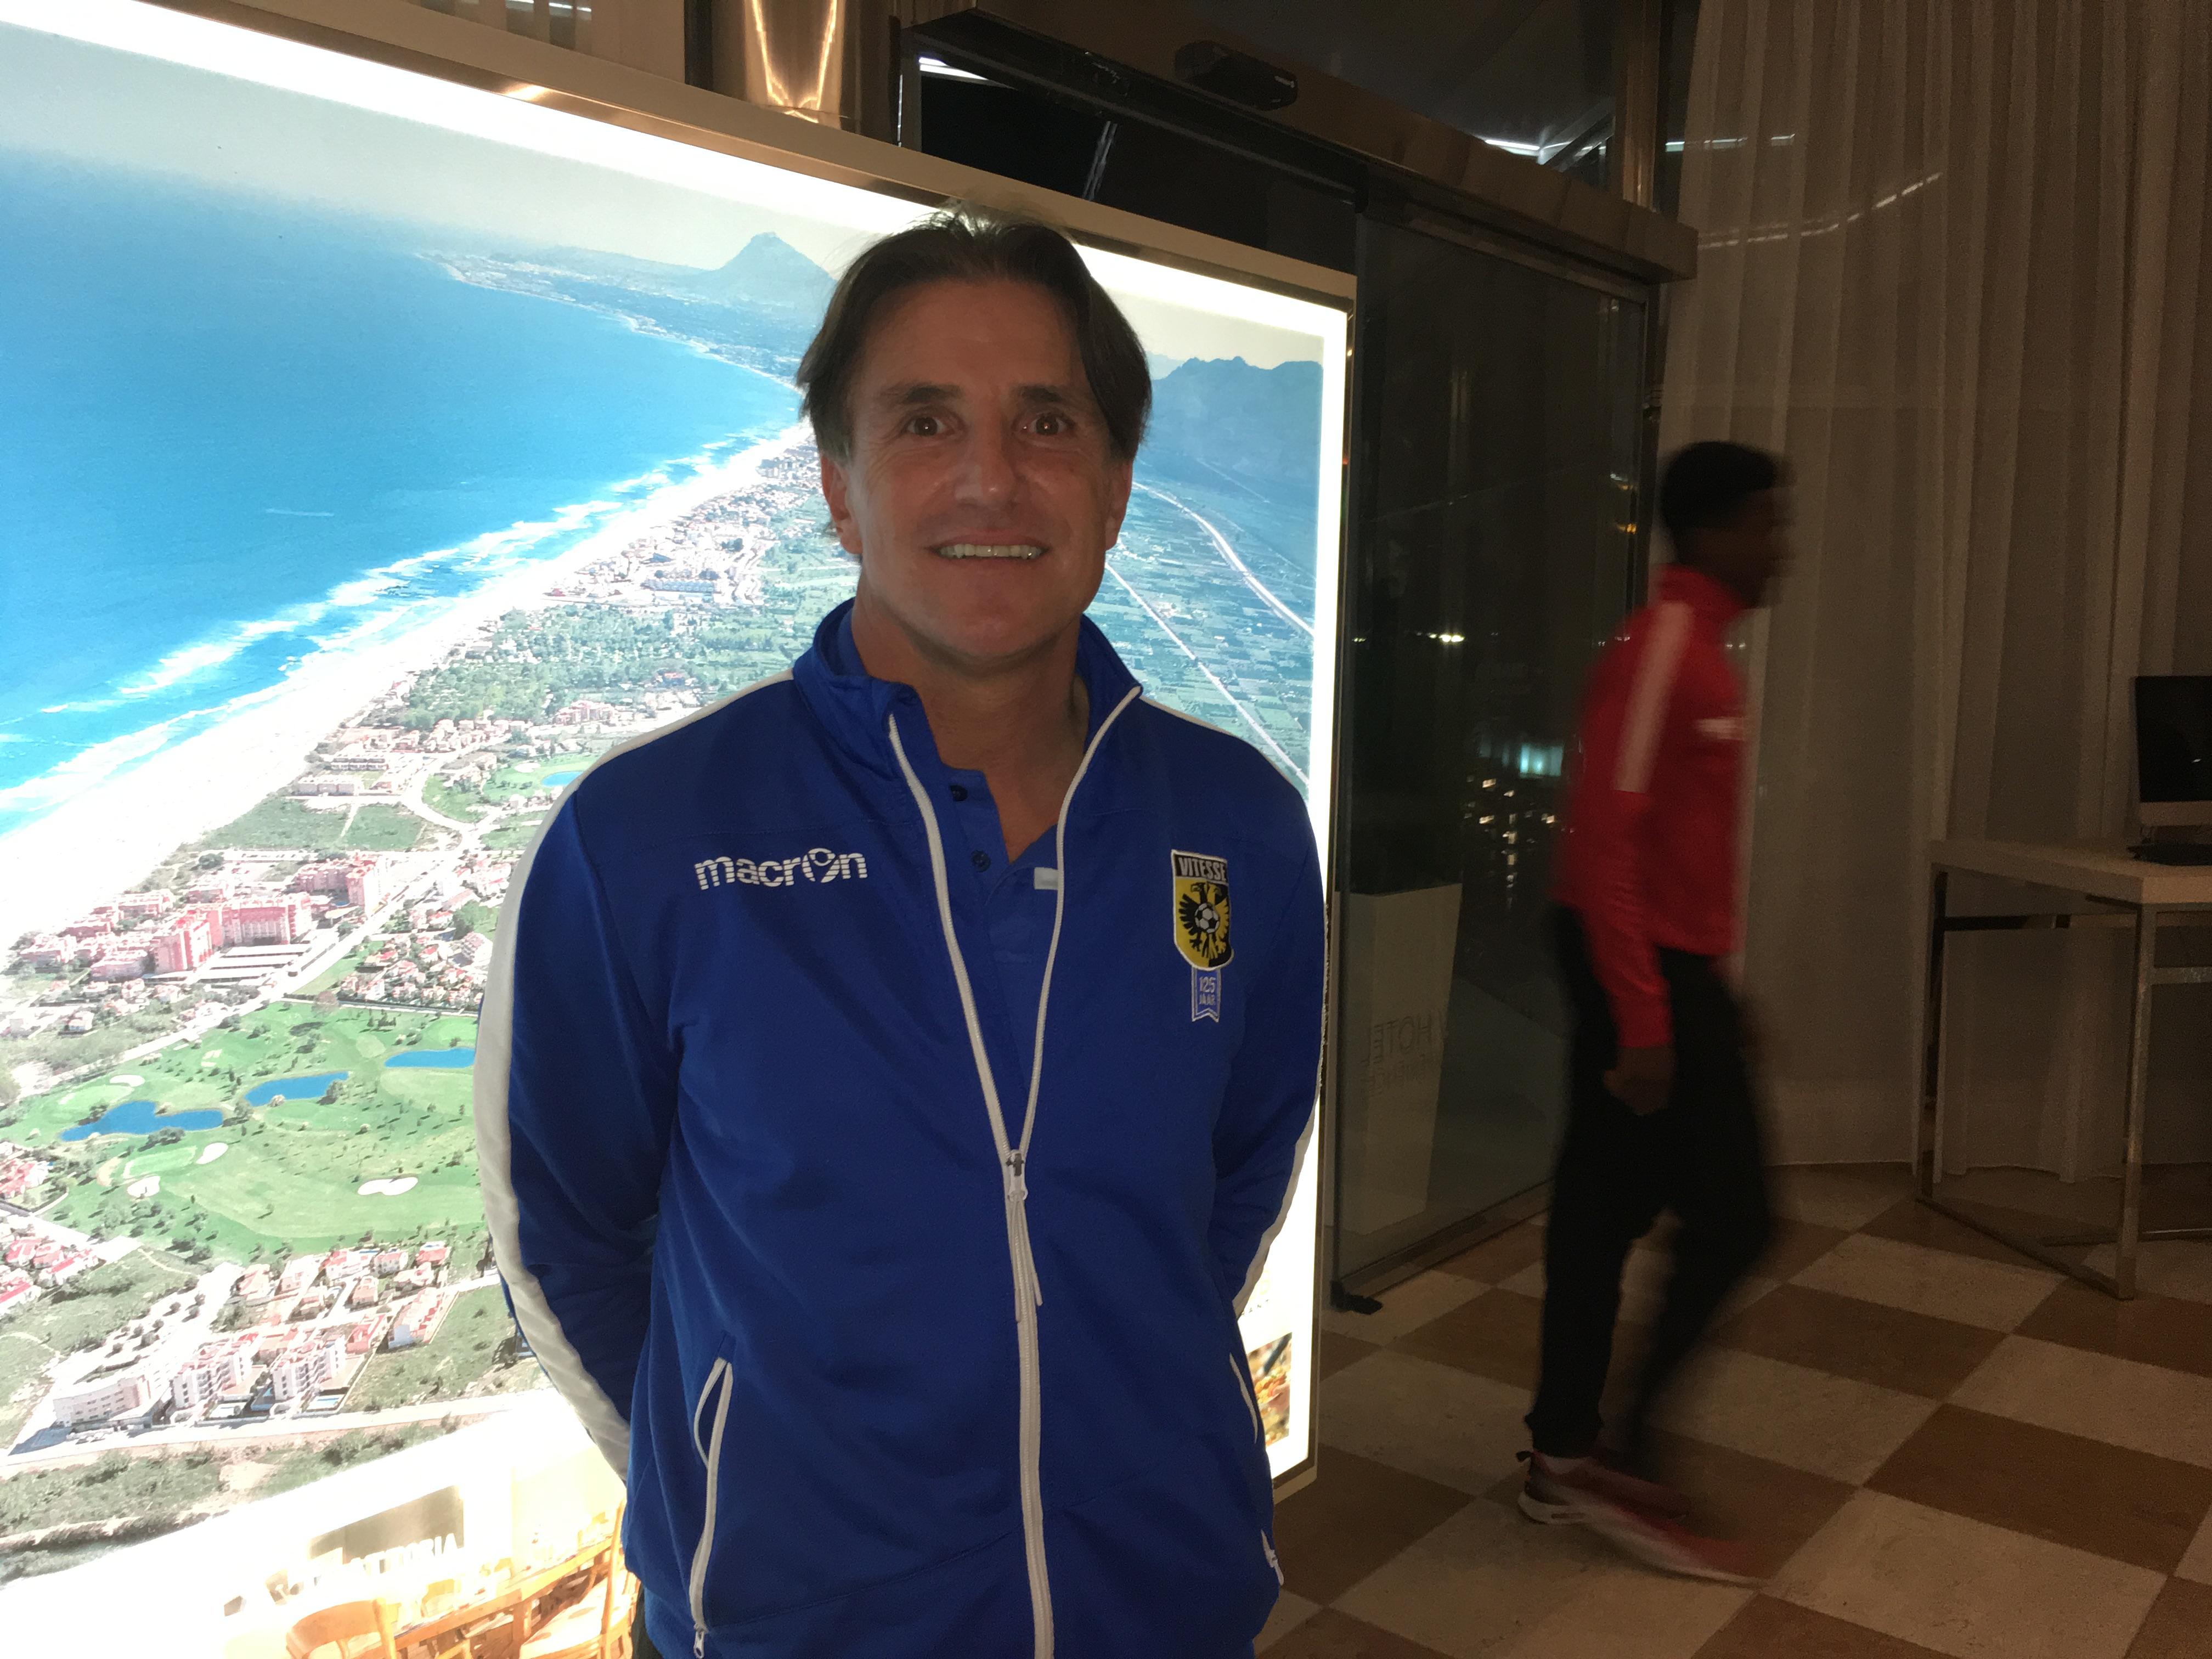 Exclusief interview met technisch directeur Marc van Hintum van Vitesse